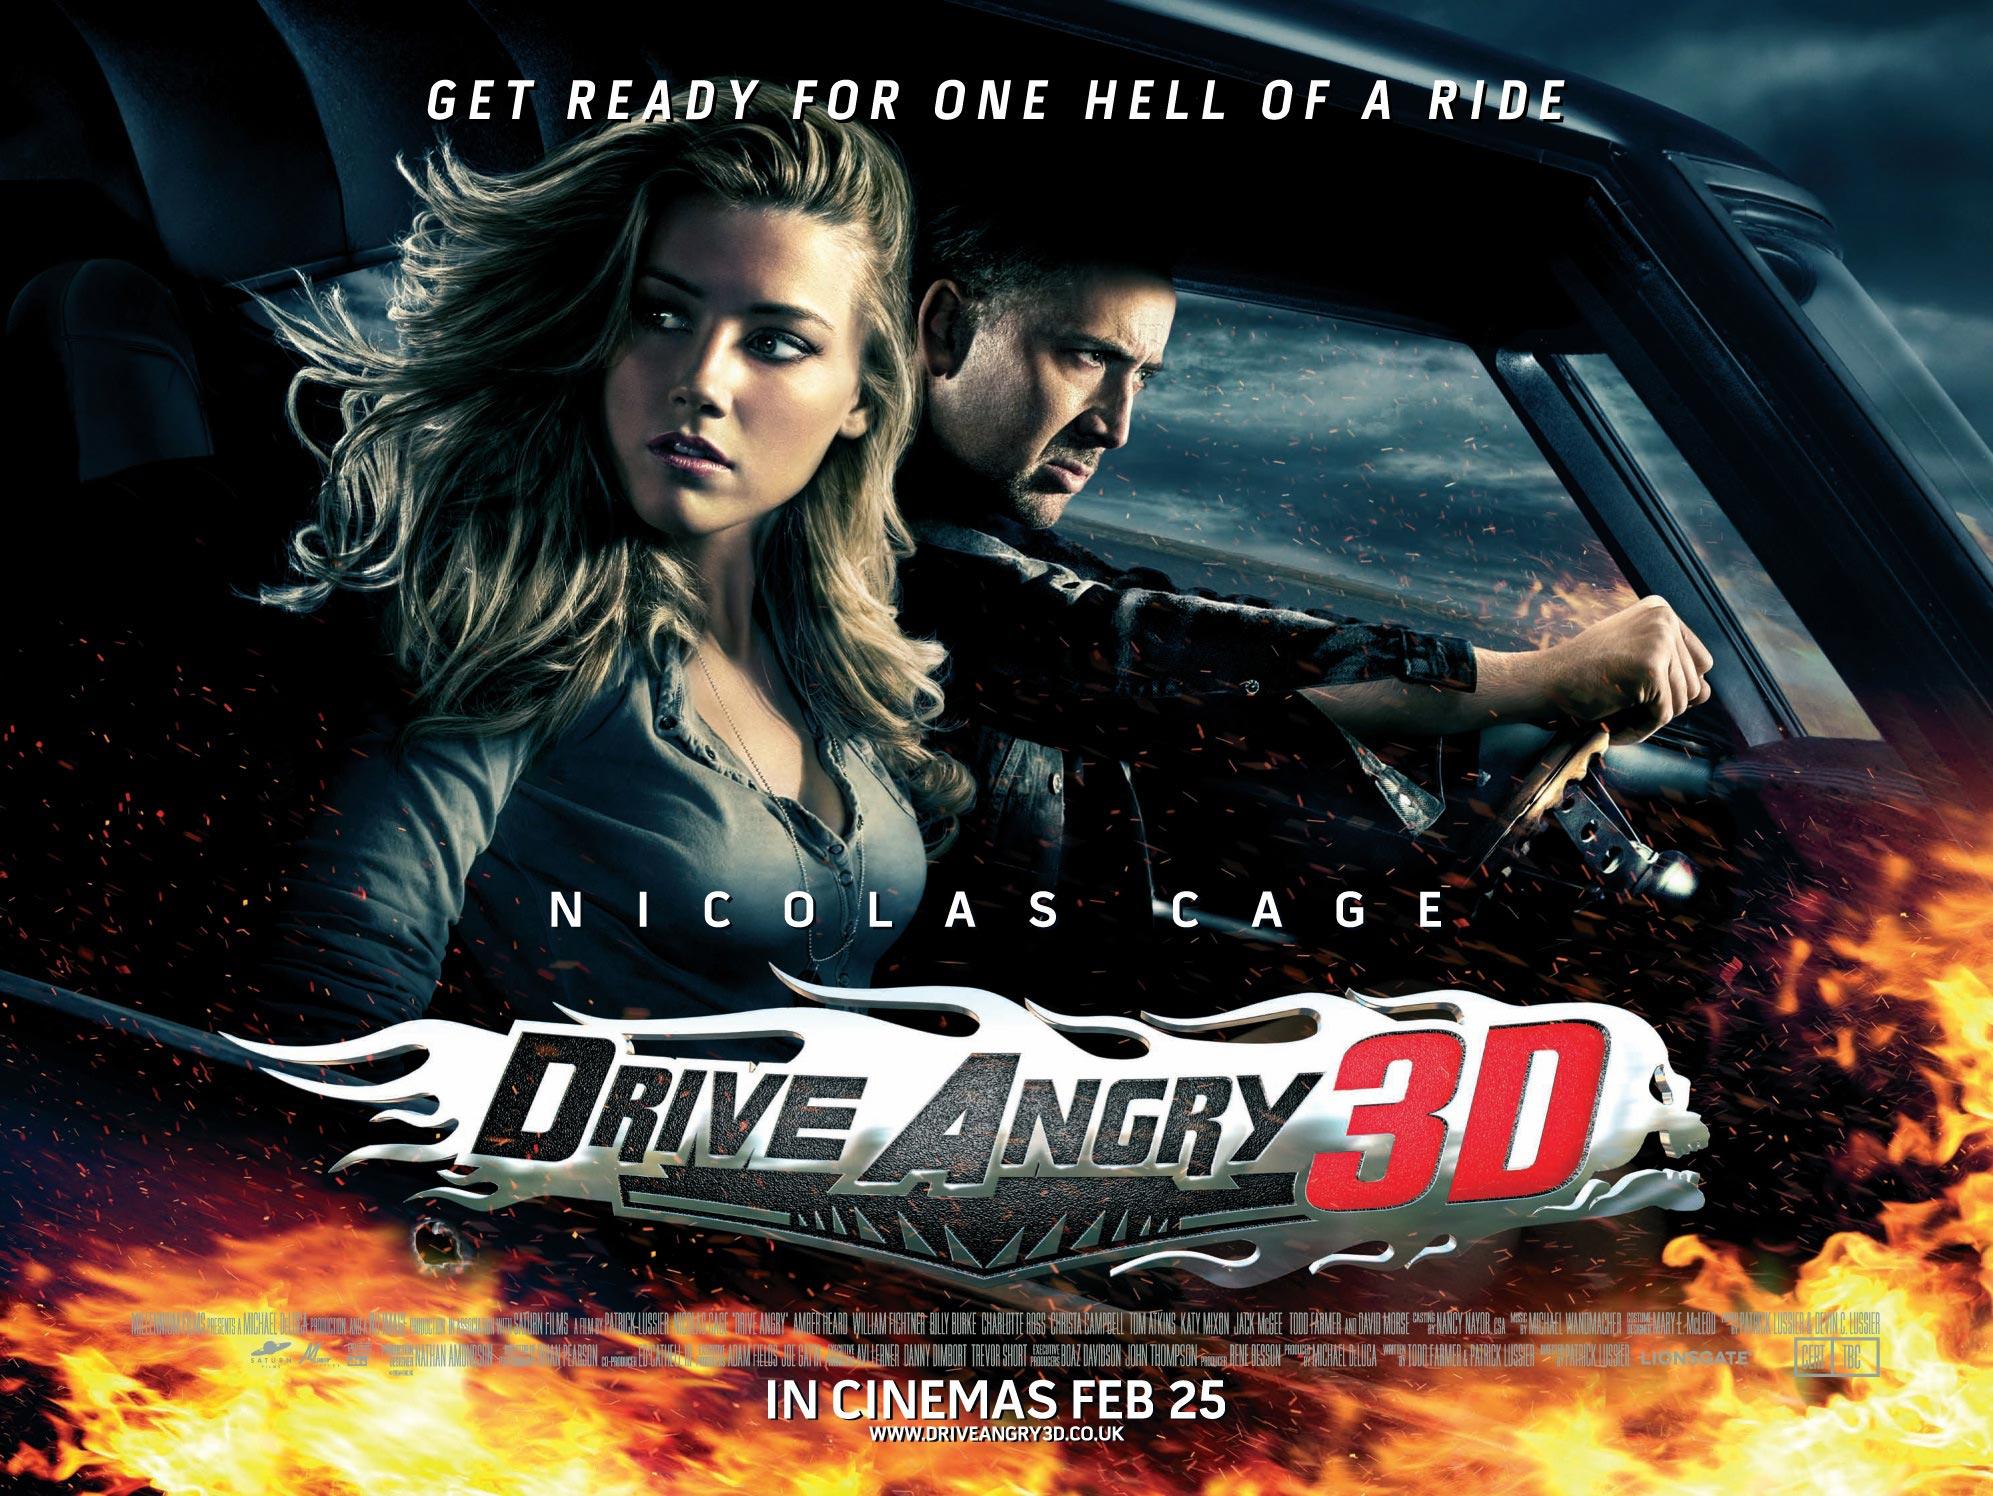 ニコラス・ケイジのドライブ・アングリーという映画